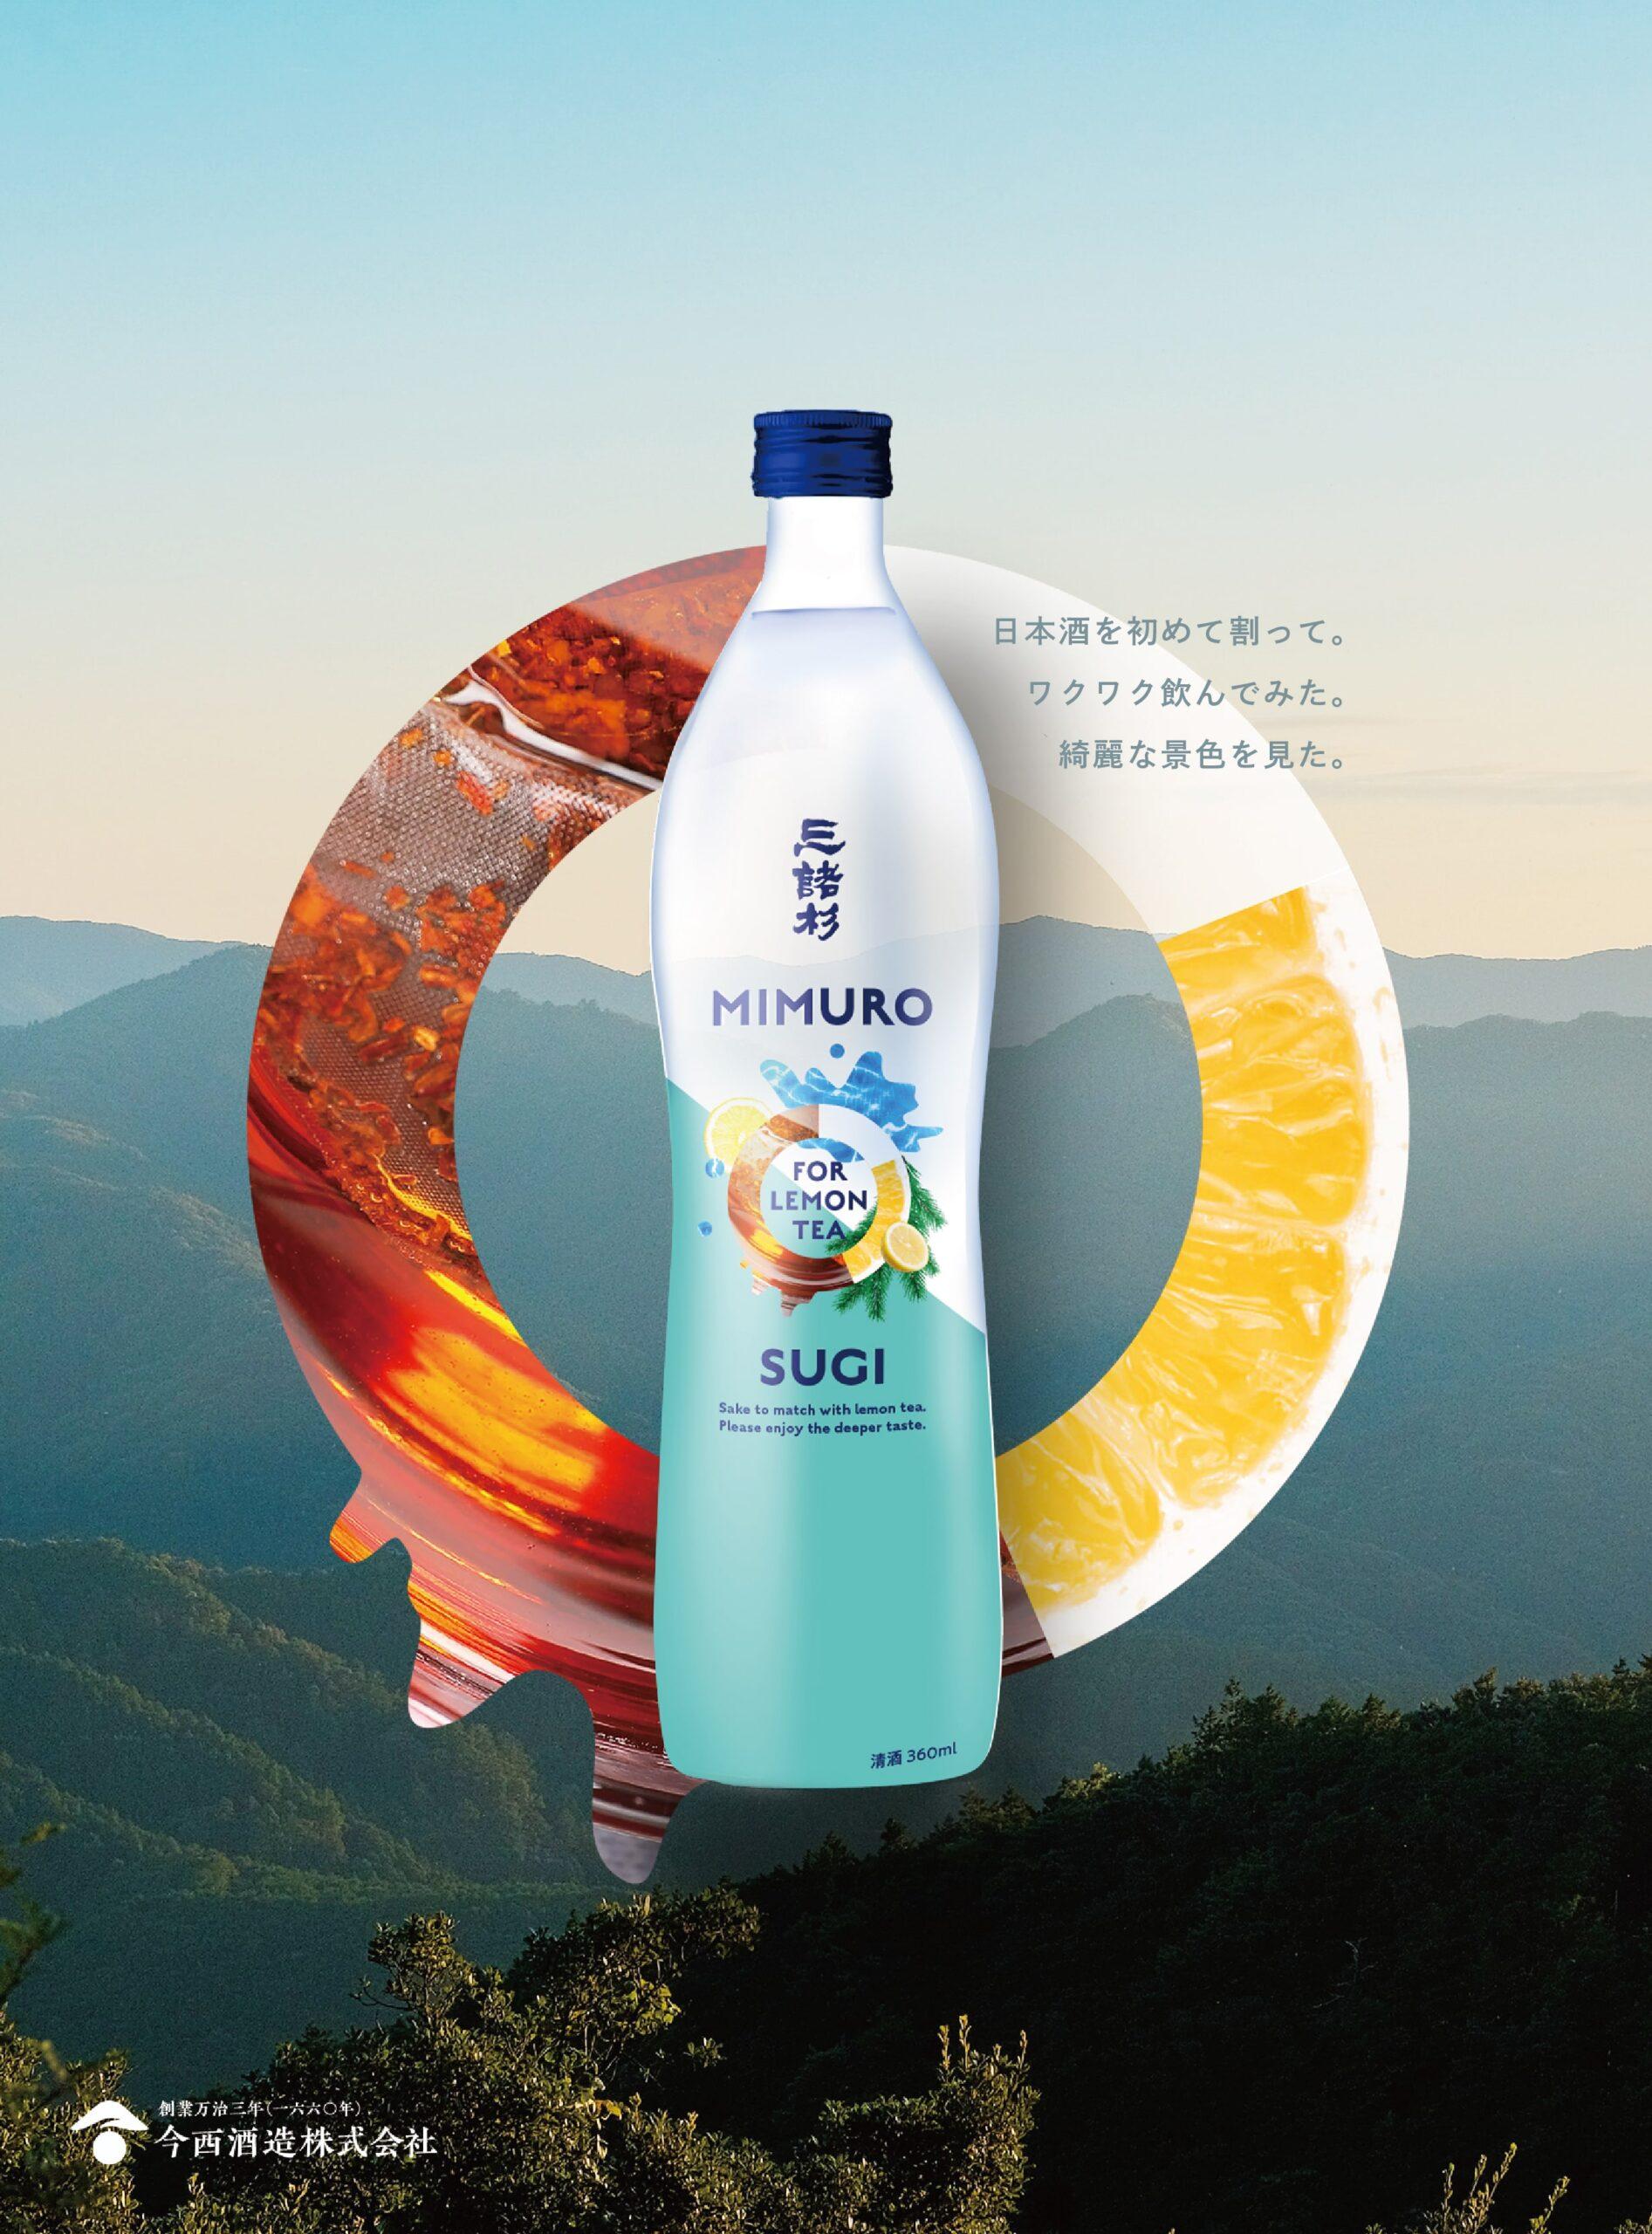 日本酒-三諸杉-の広告作ってみた(割って呑む編)